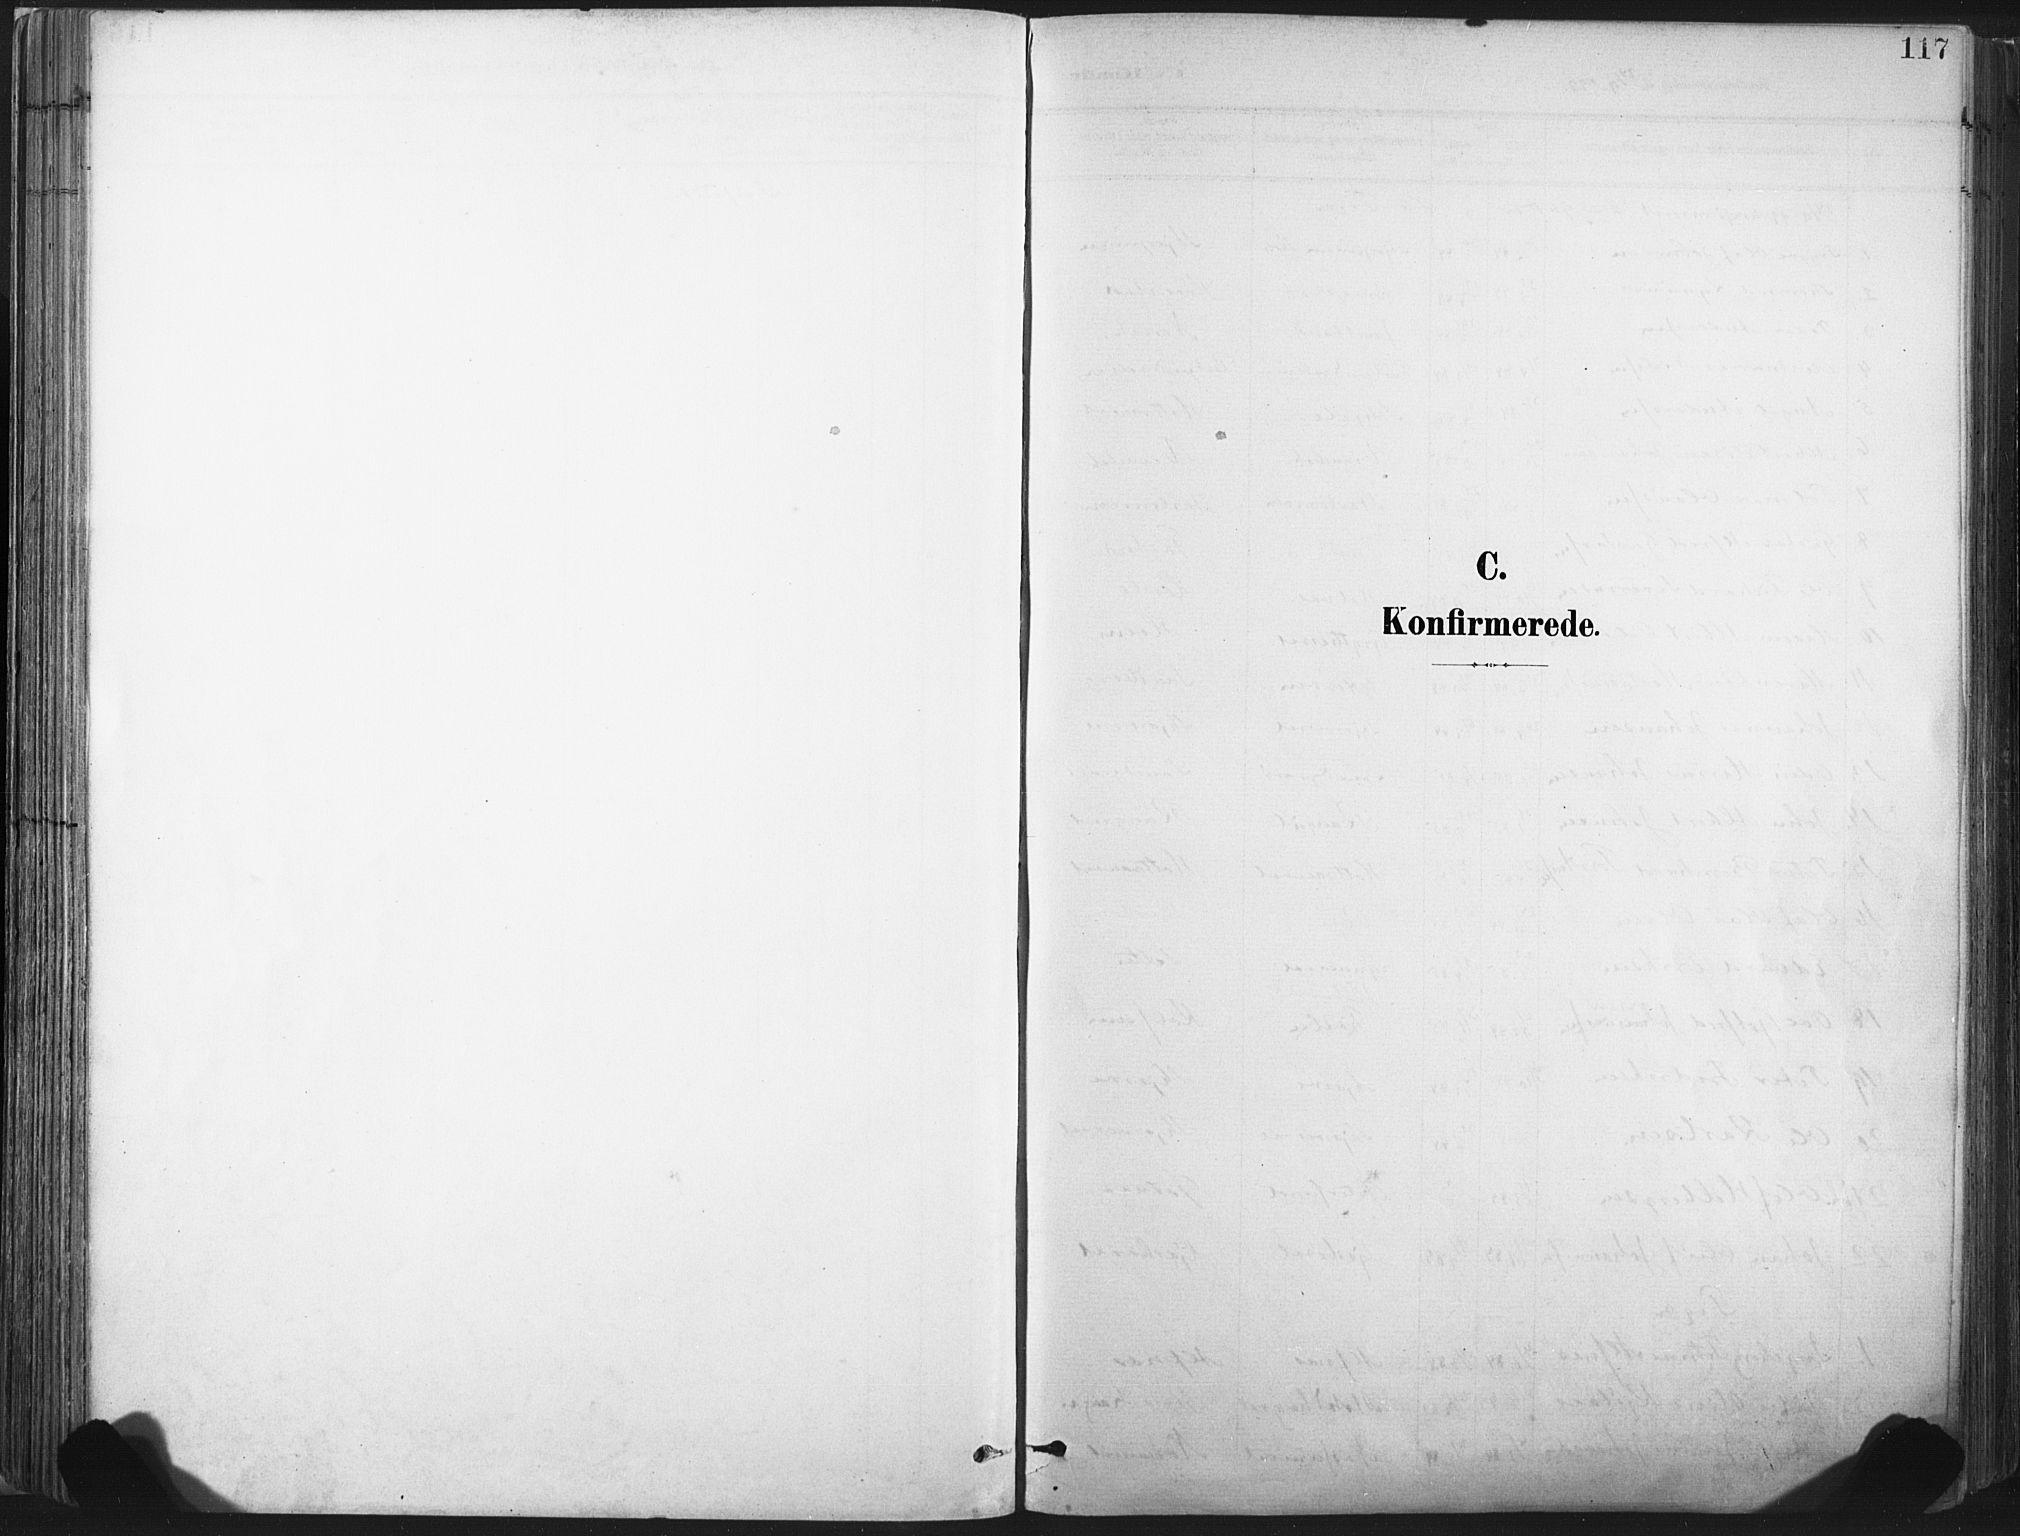 SAT, Ministerialprotokoller, klokkerbøker og fødselsregistre - Nord-Trøndelag, 717/L0162: Ministerialbok nr. 717A12, 1898-1923, s. 117